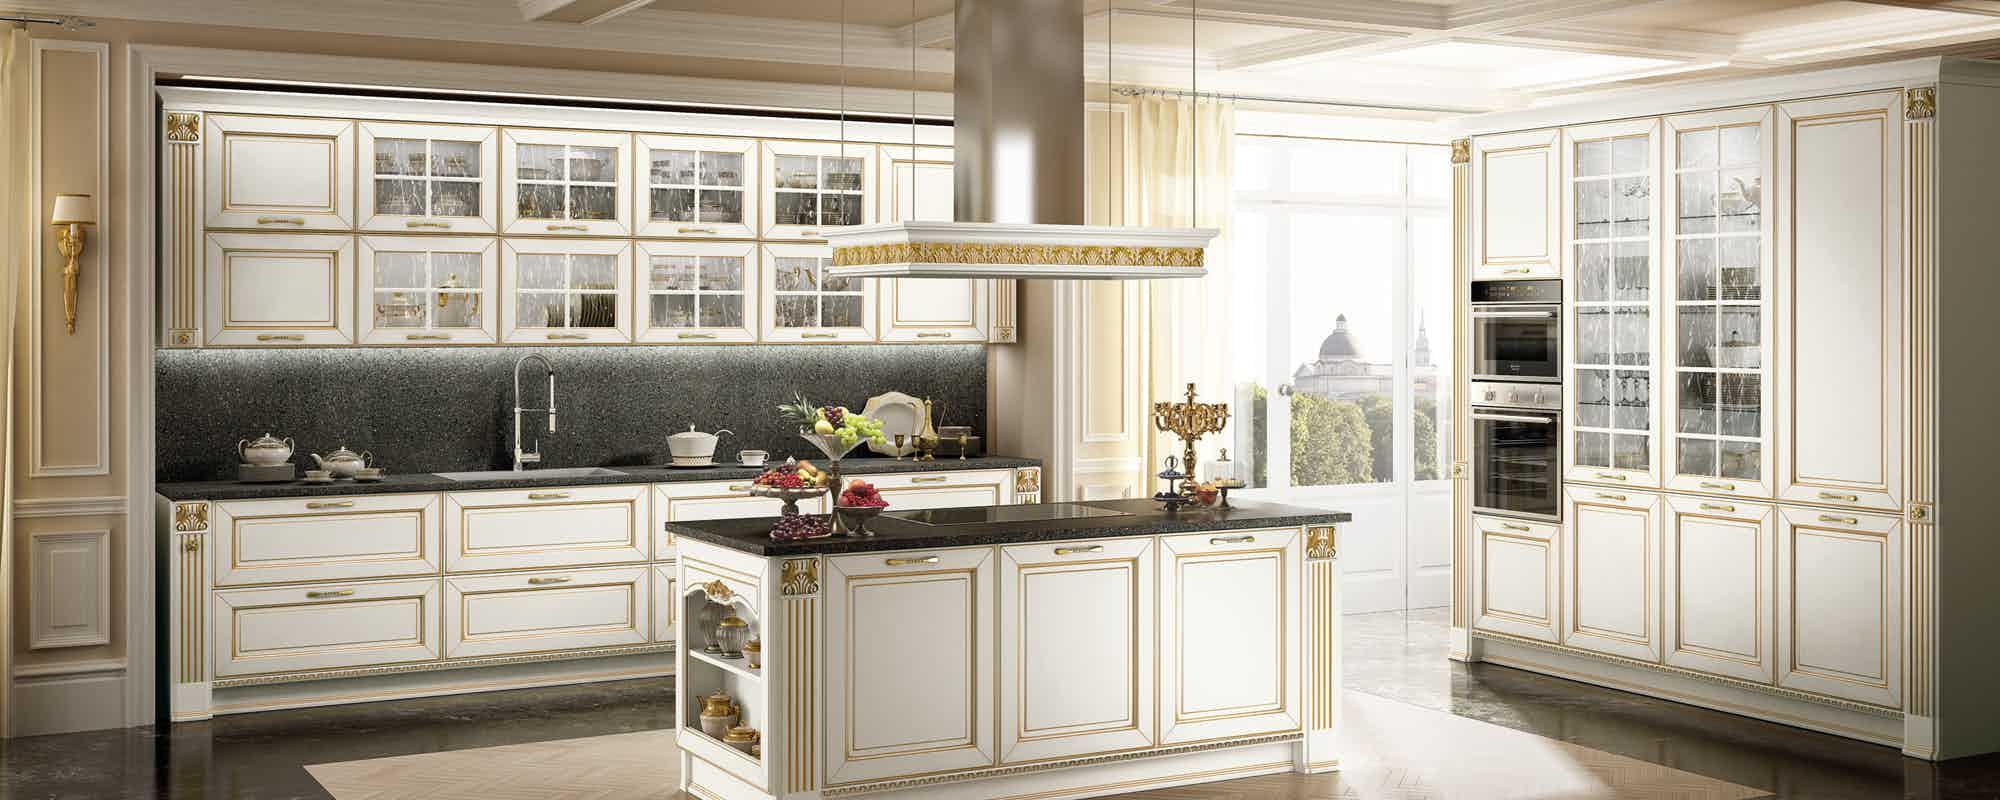 cucine classiche Stosa Cucina